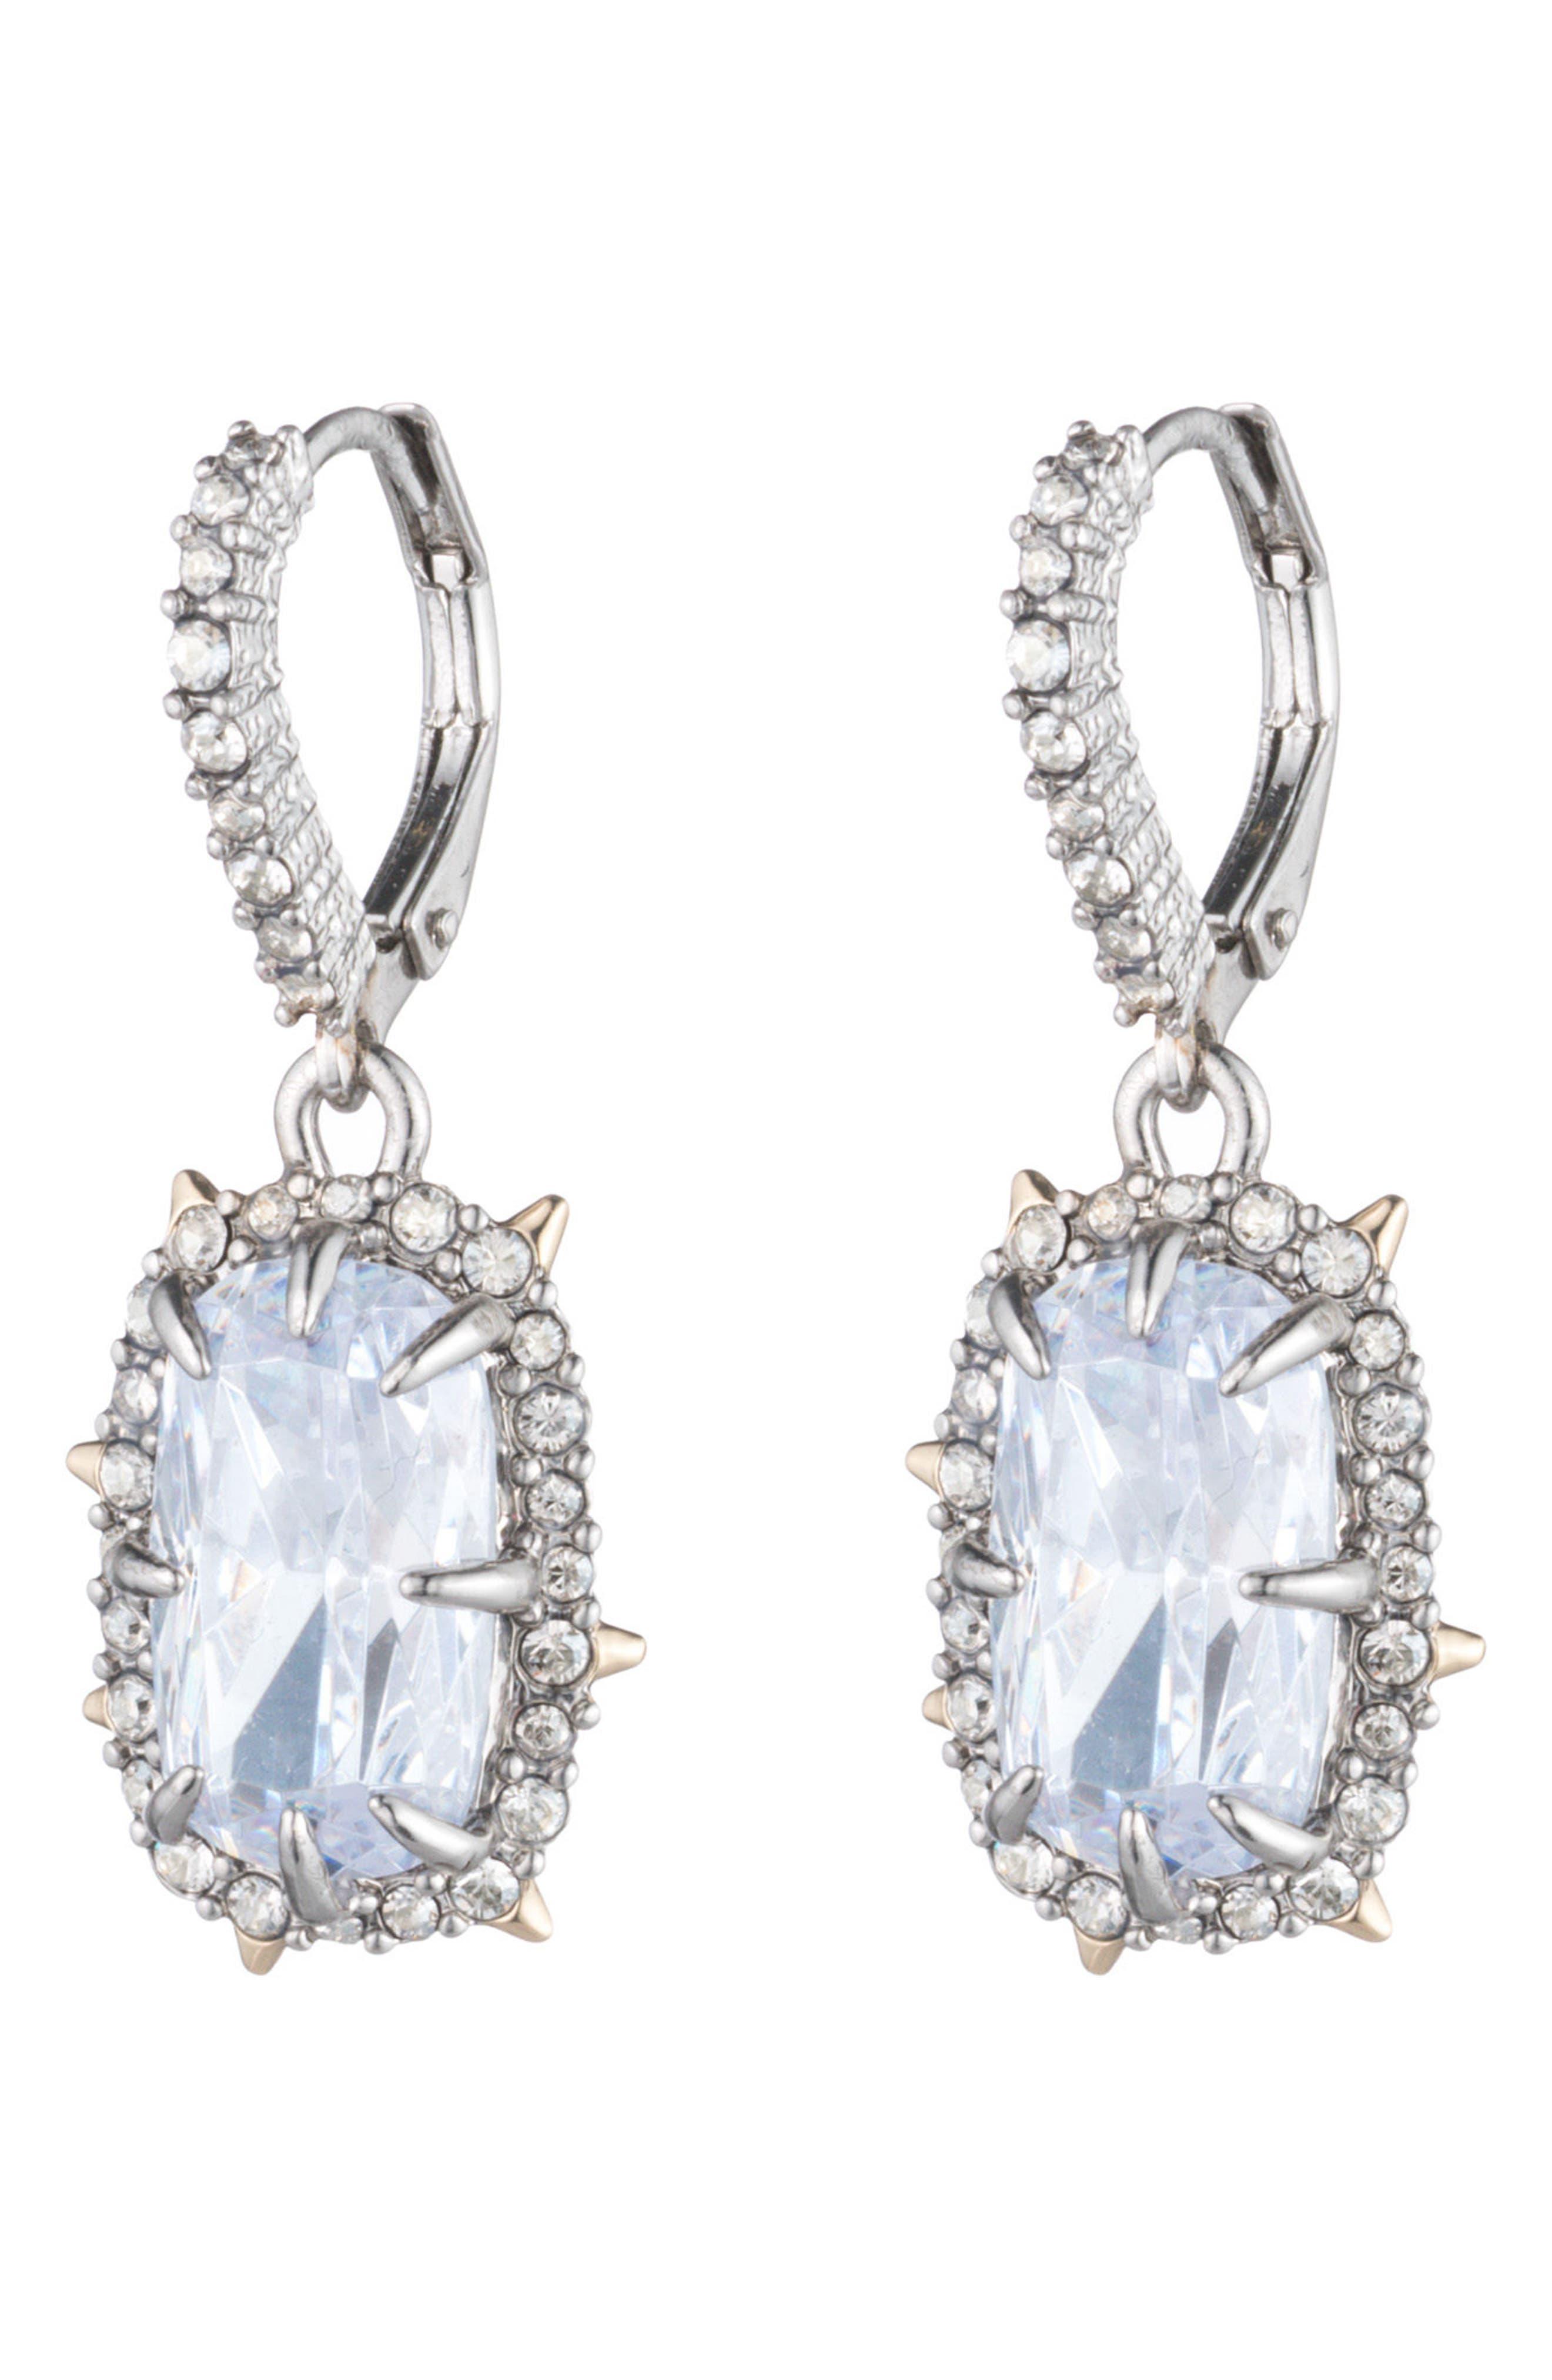 ALEXIS BITTAR Swarovski Crystal Drop Earrings